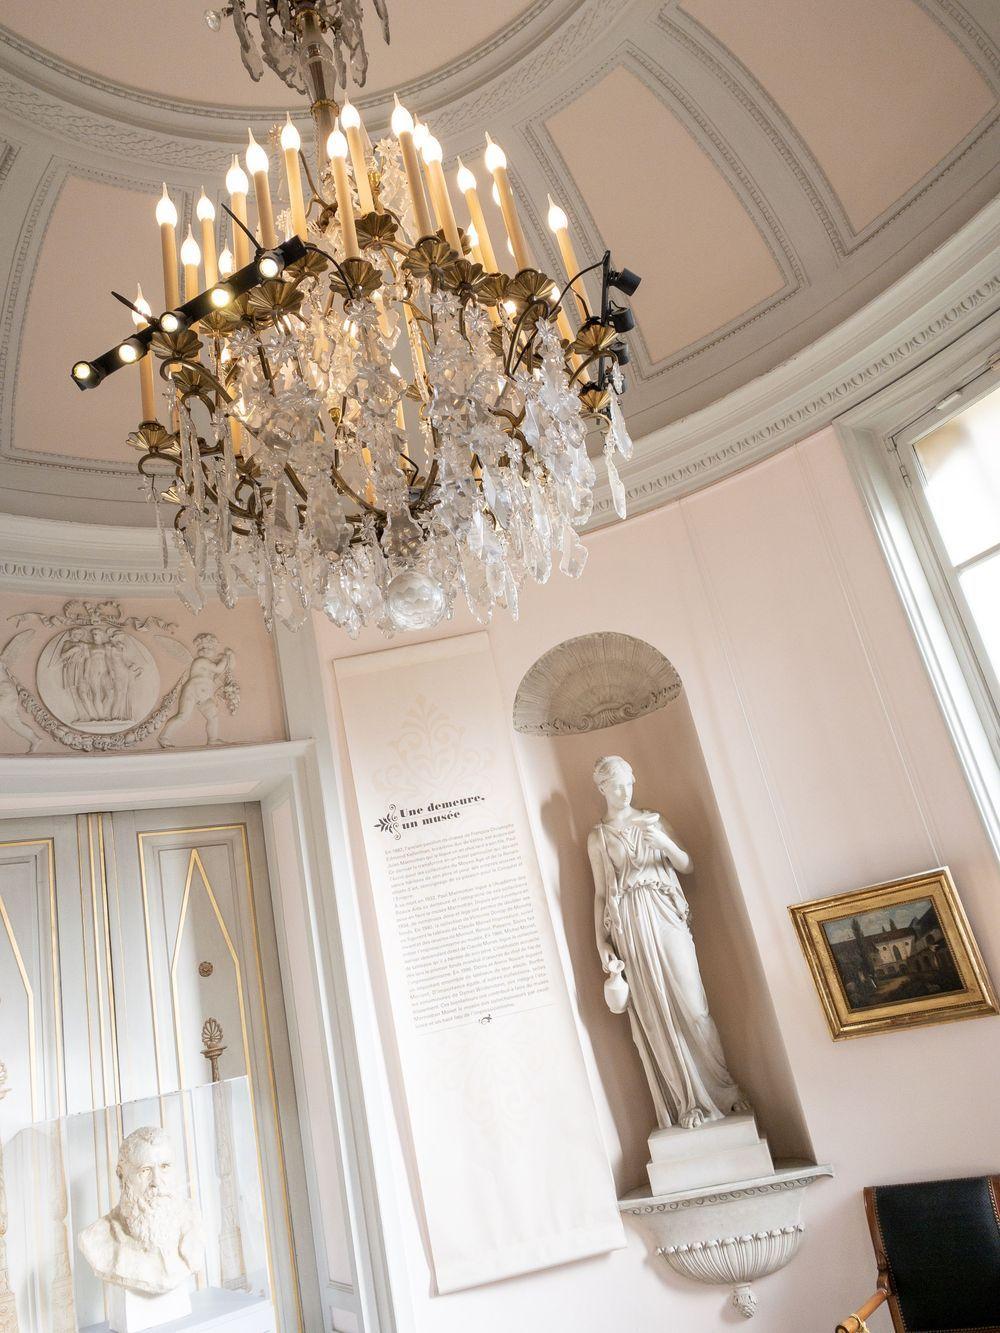 Musée Marmottan Monet Entrance Foyer